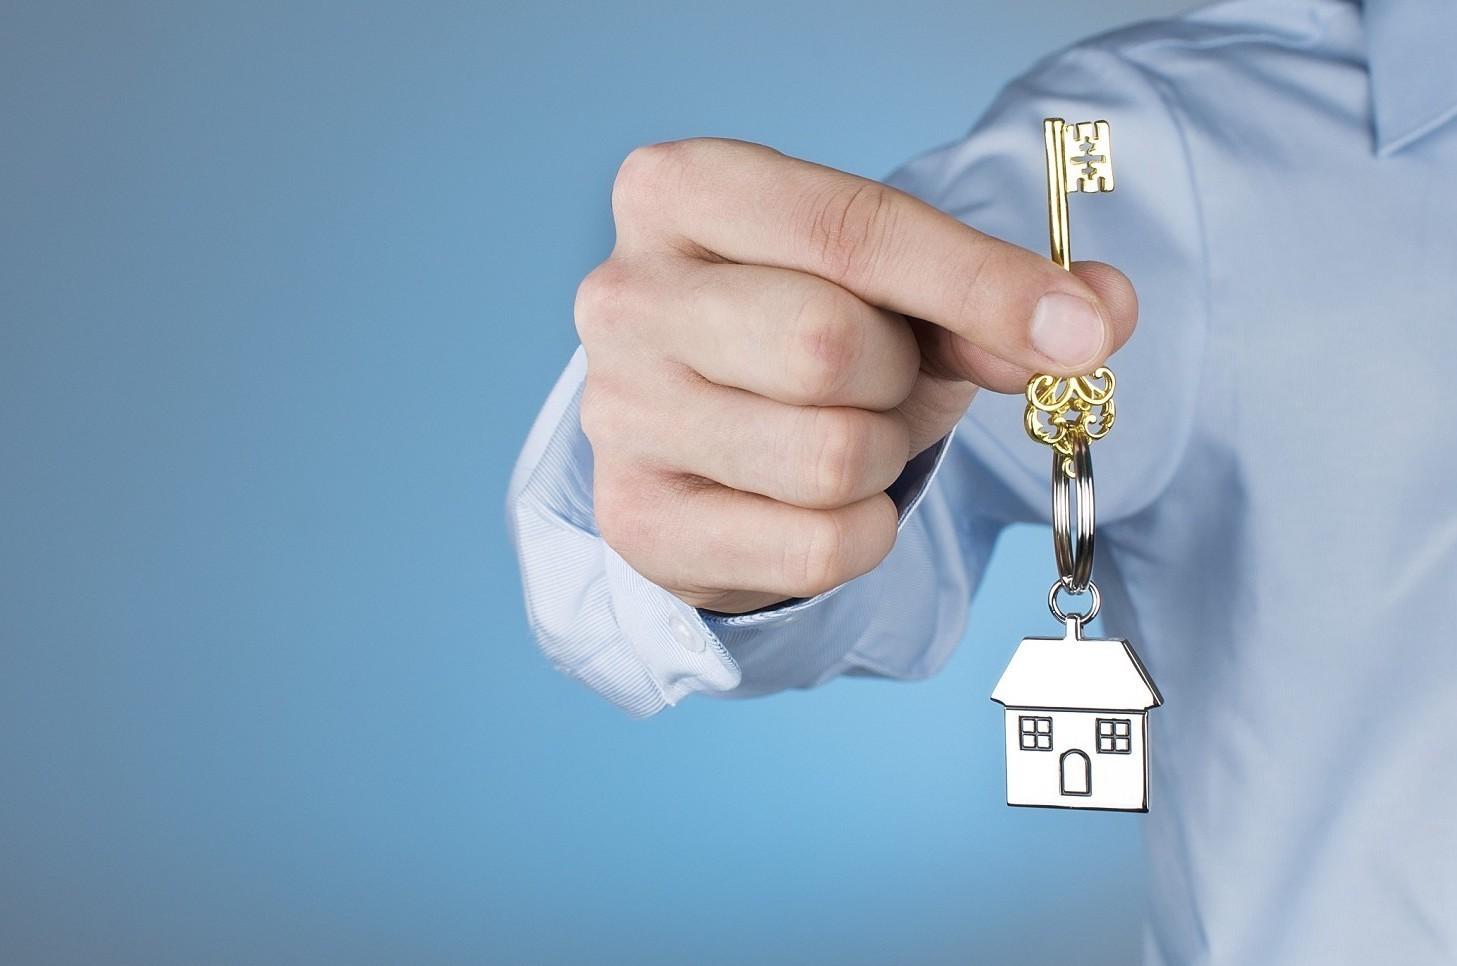 Affitto casa 2020, leggi in vigore